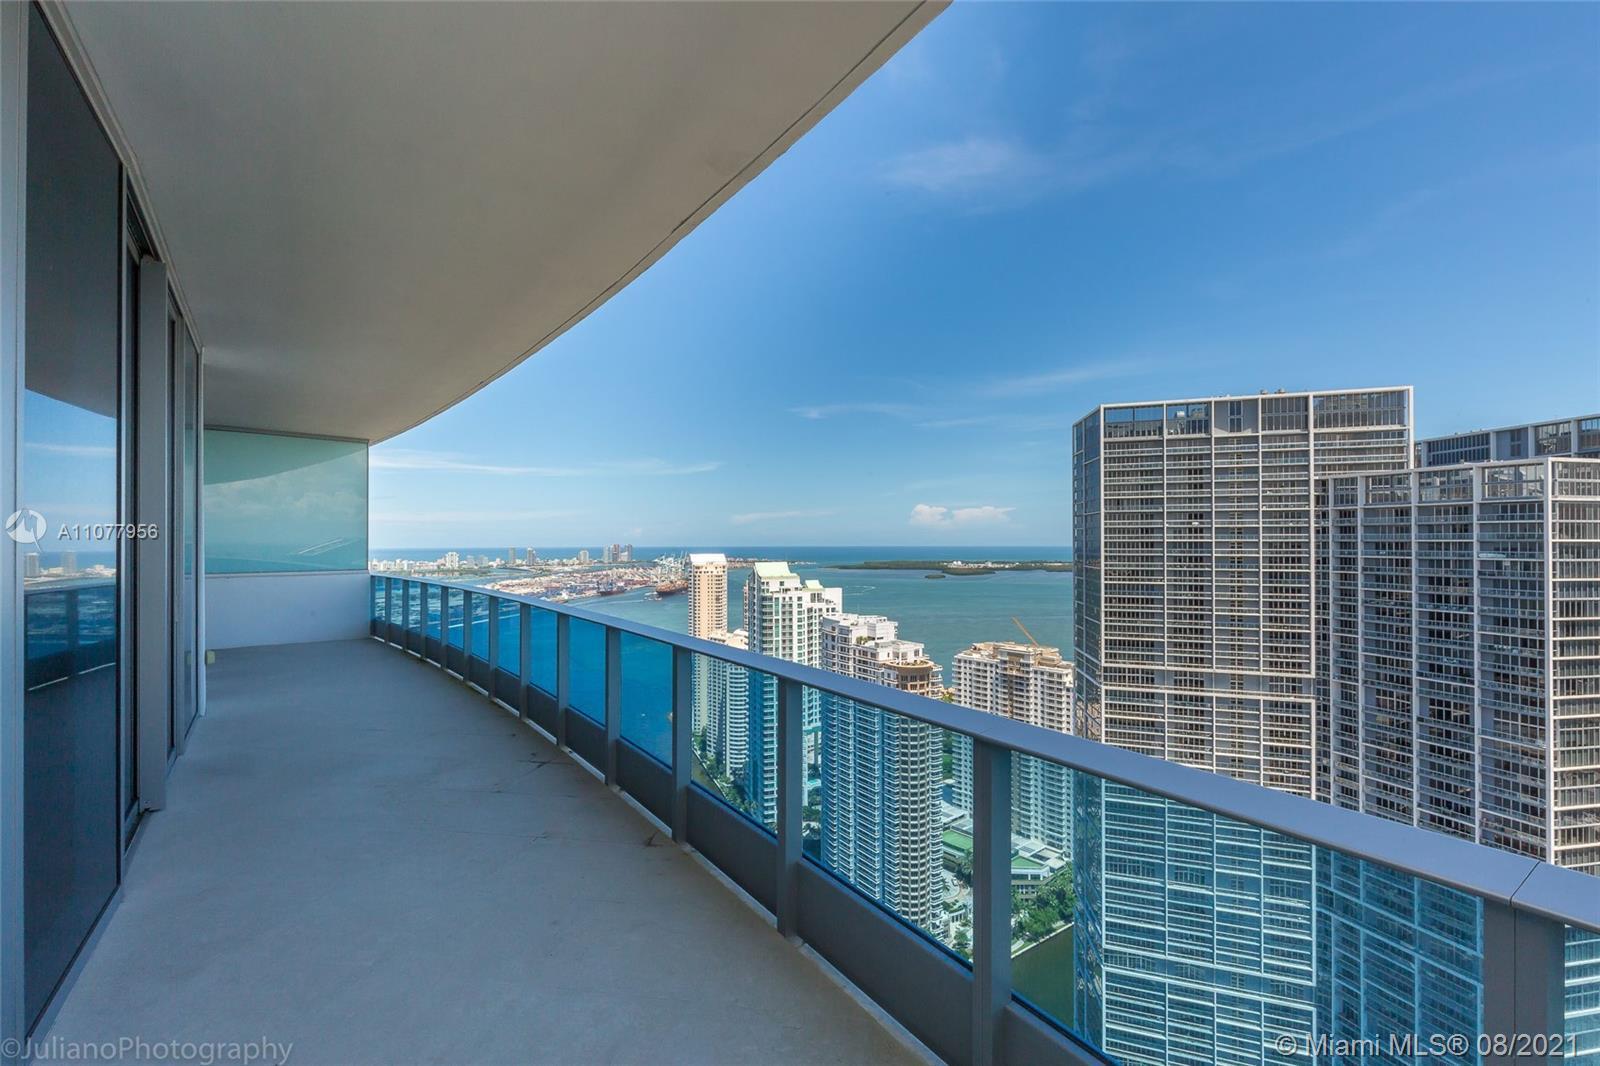 200 Biscayne Blvd Way 5204, Miami, FL 33131